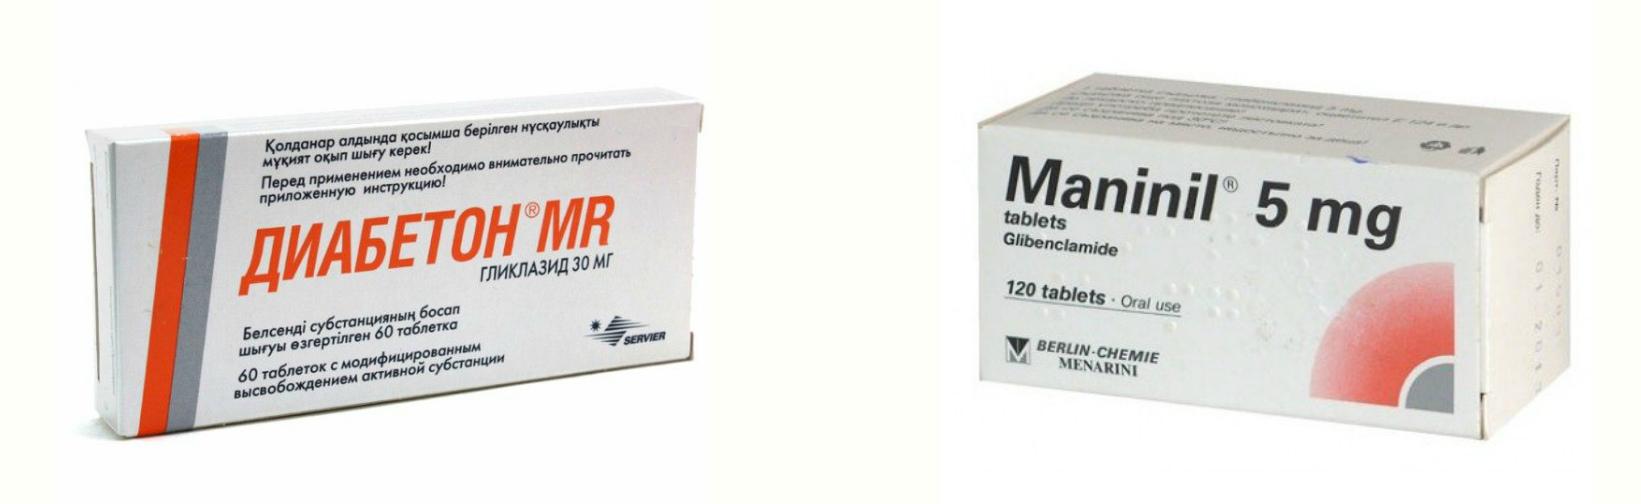 Манинил или Диабетон